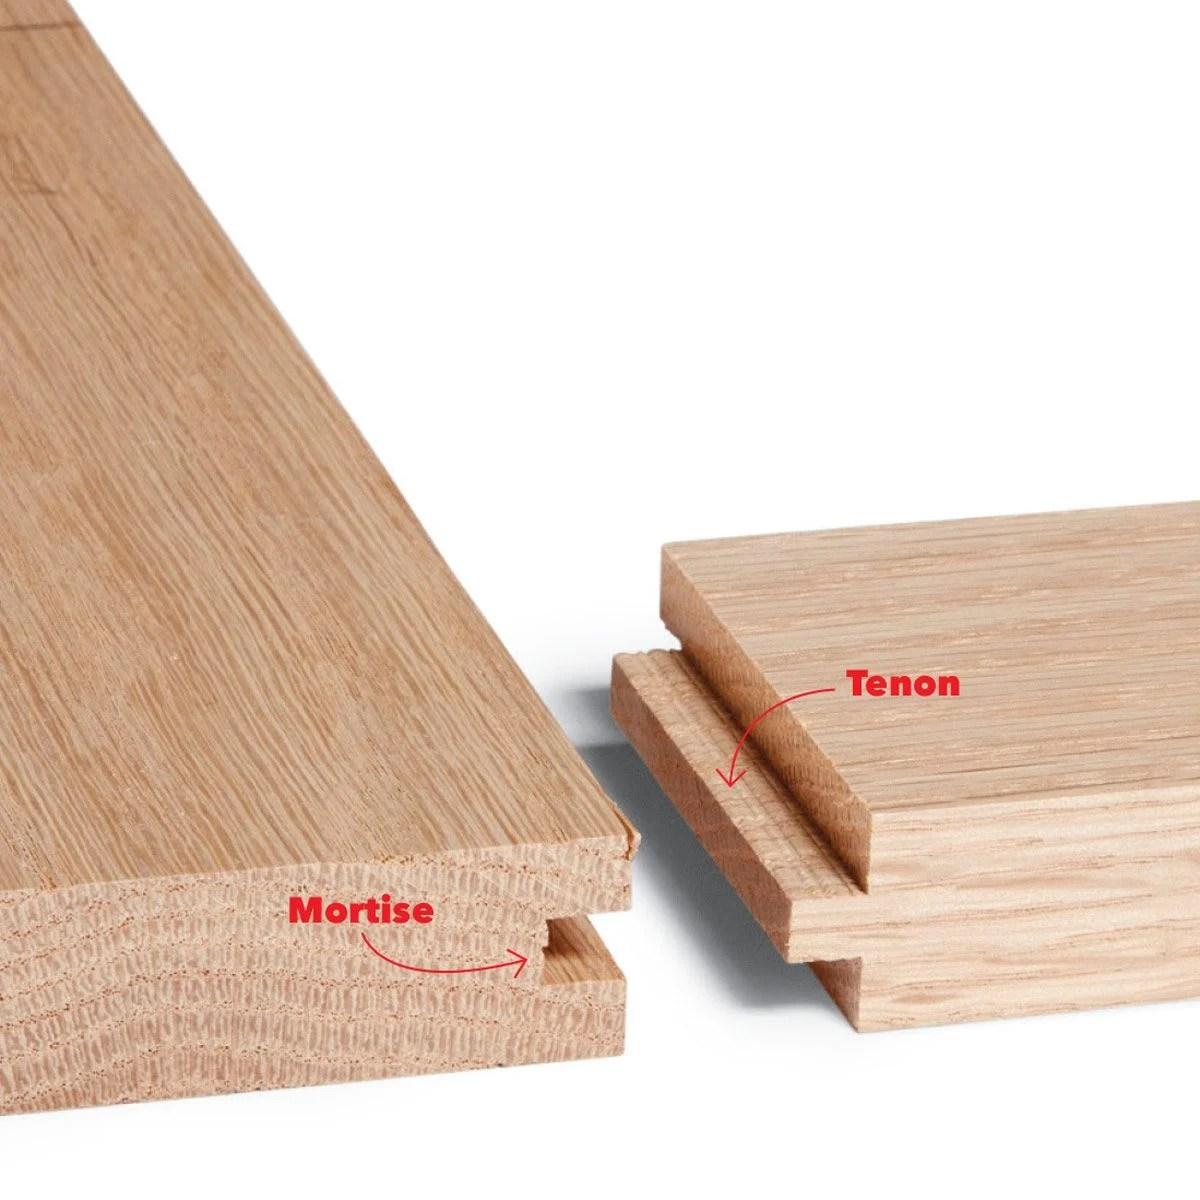 Best Wood To Make Cabinet Doors